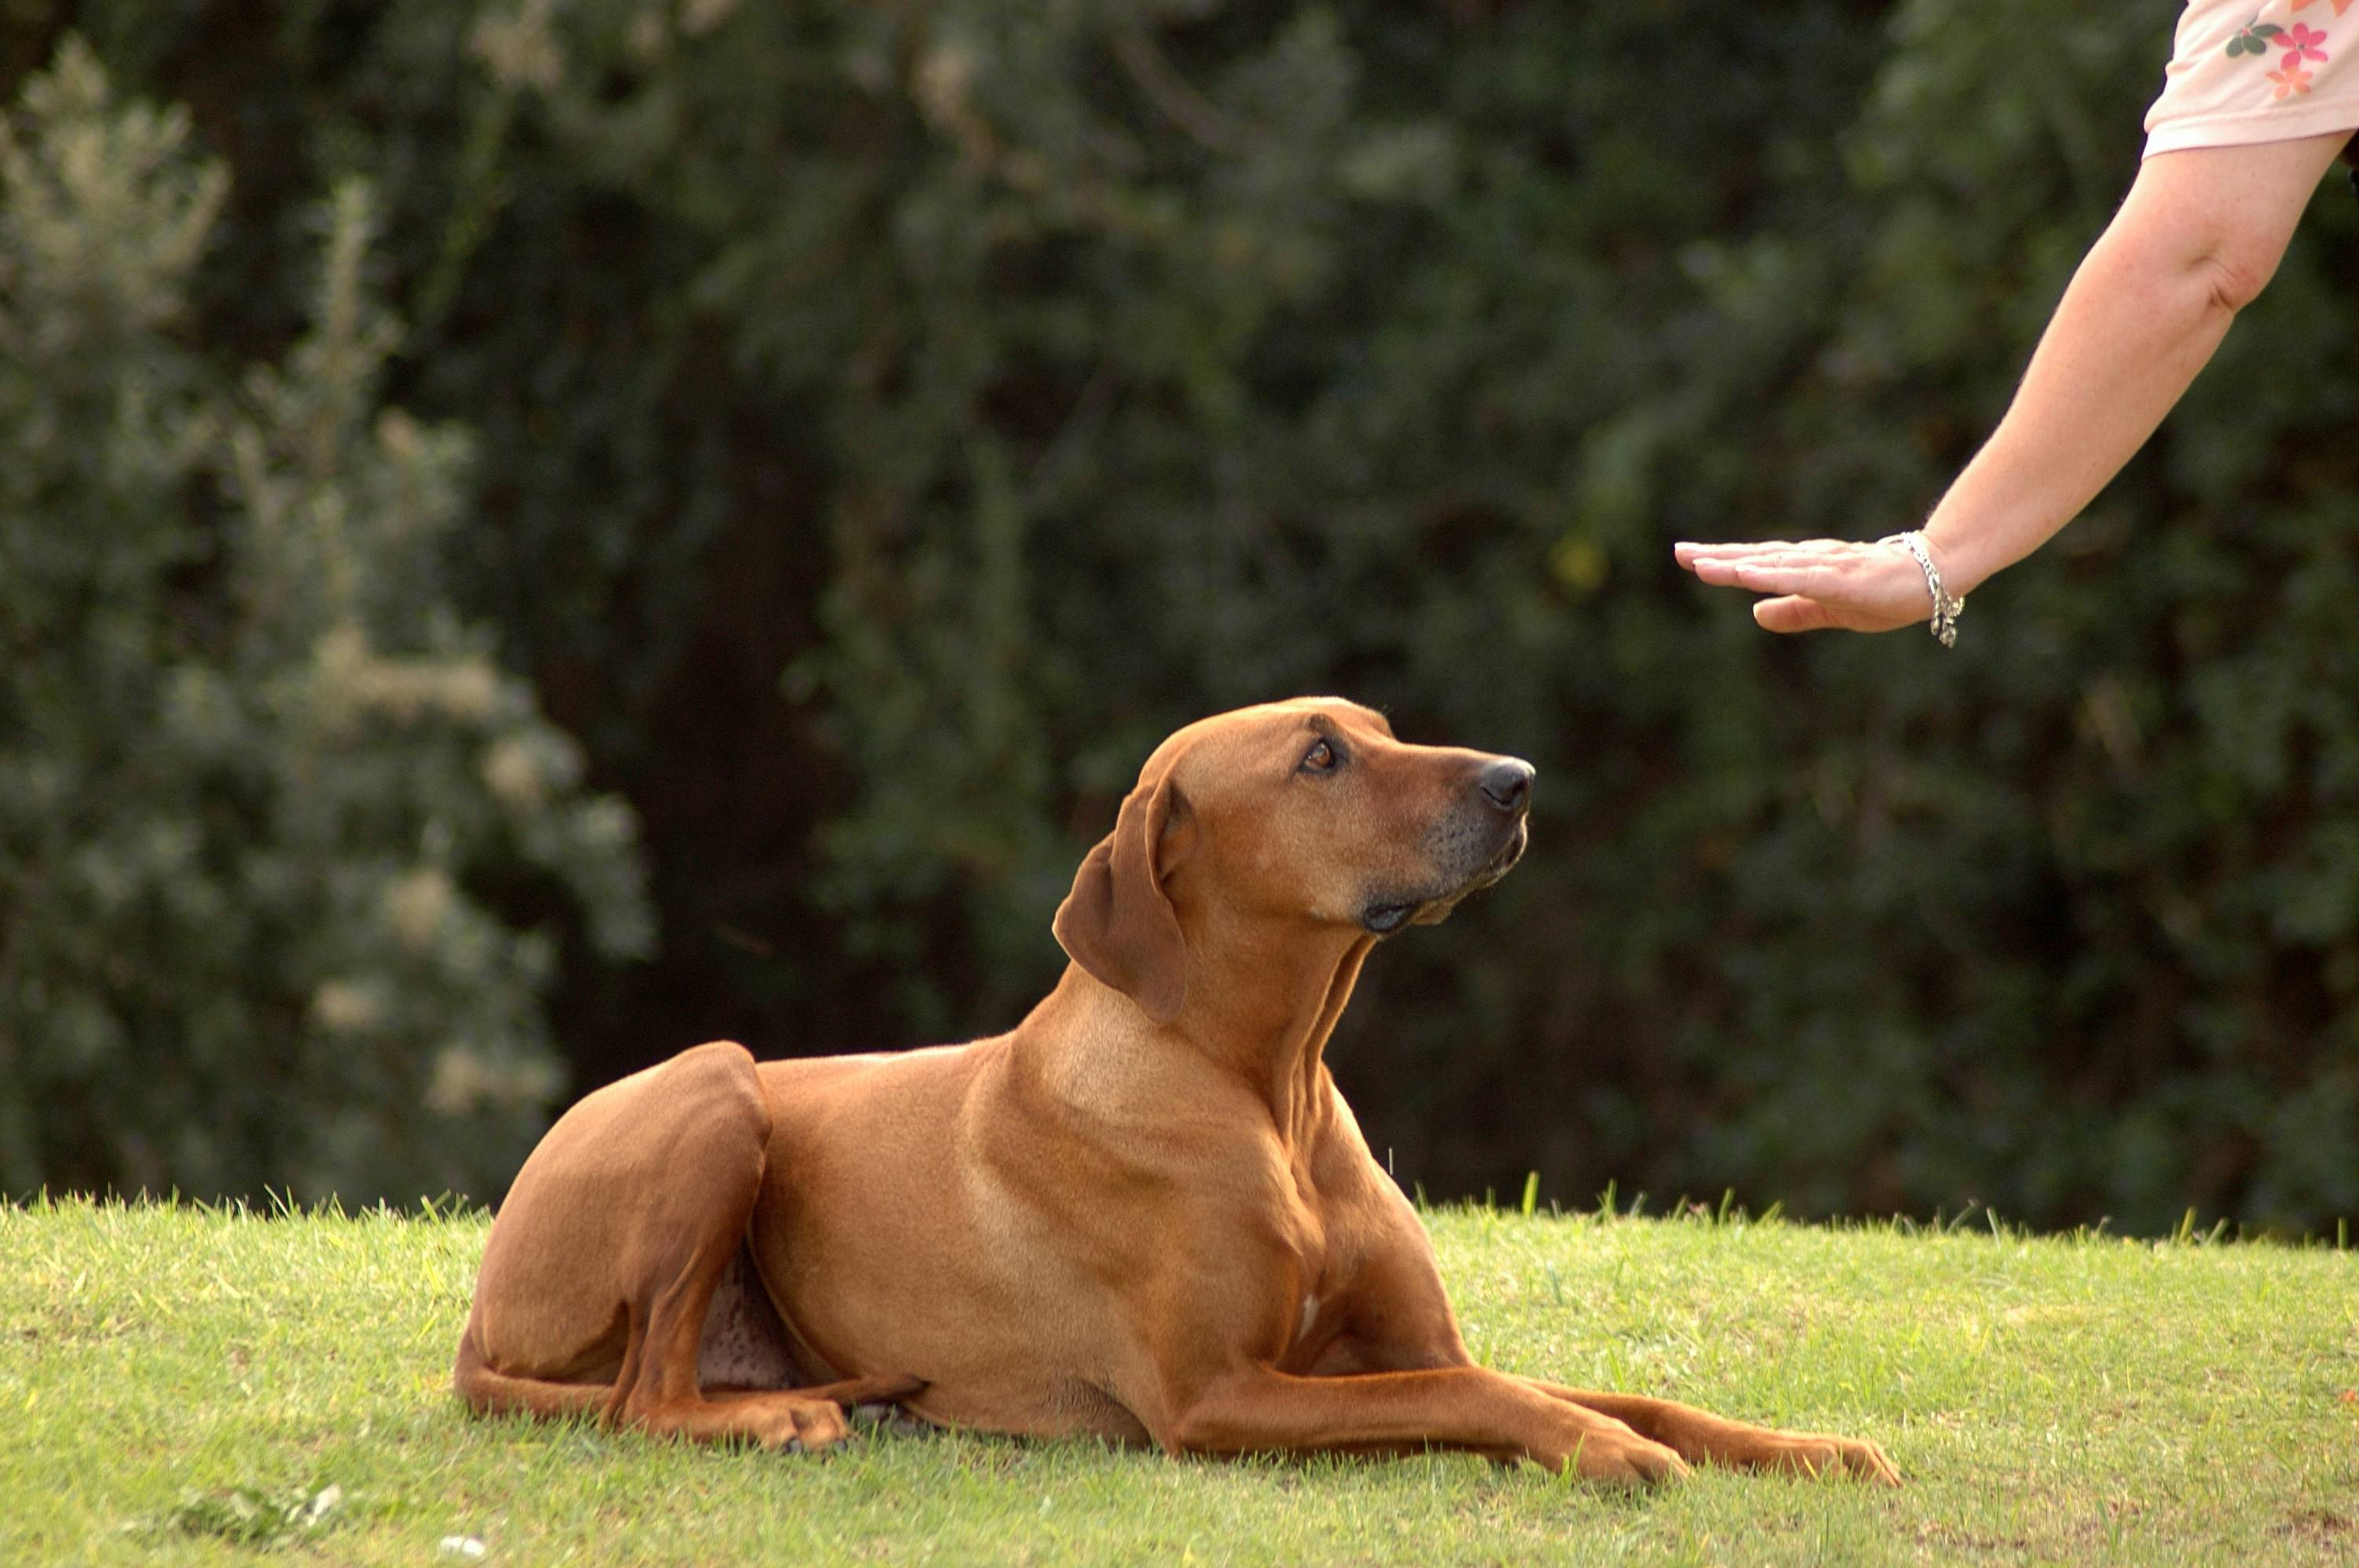 Простые споcобы научить собаку давать лапу